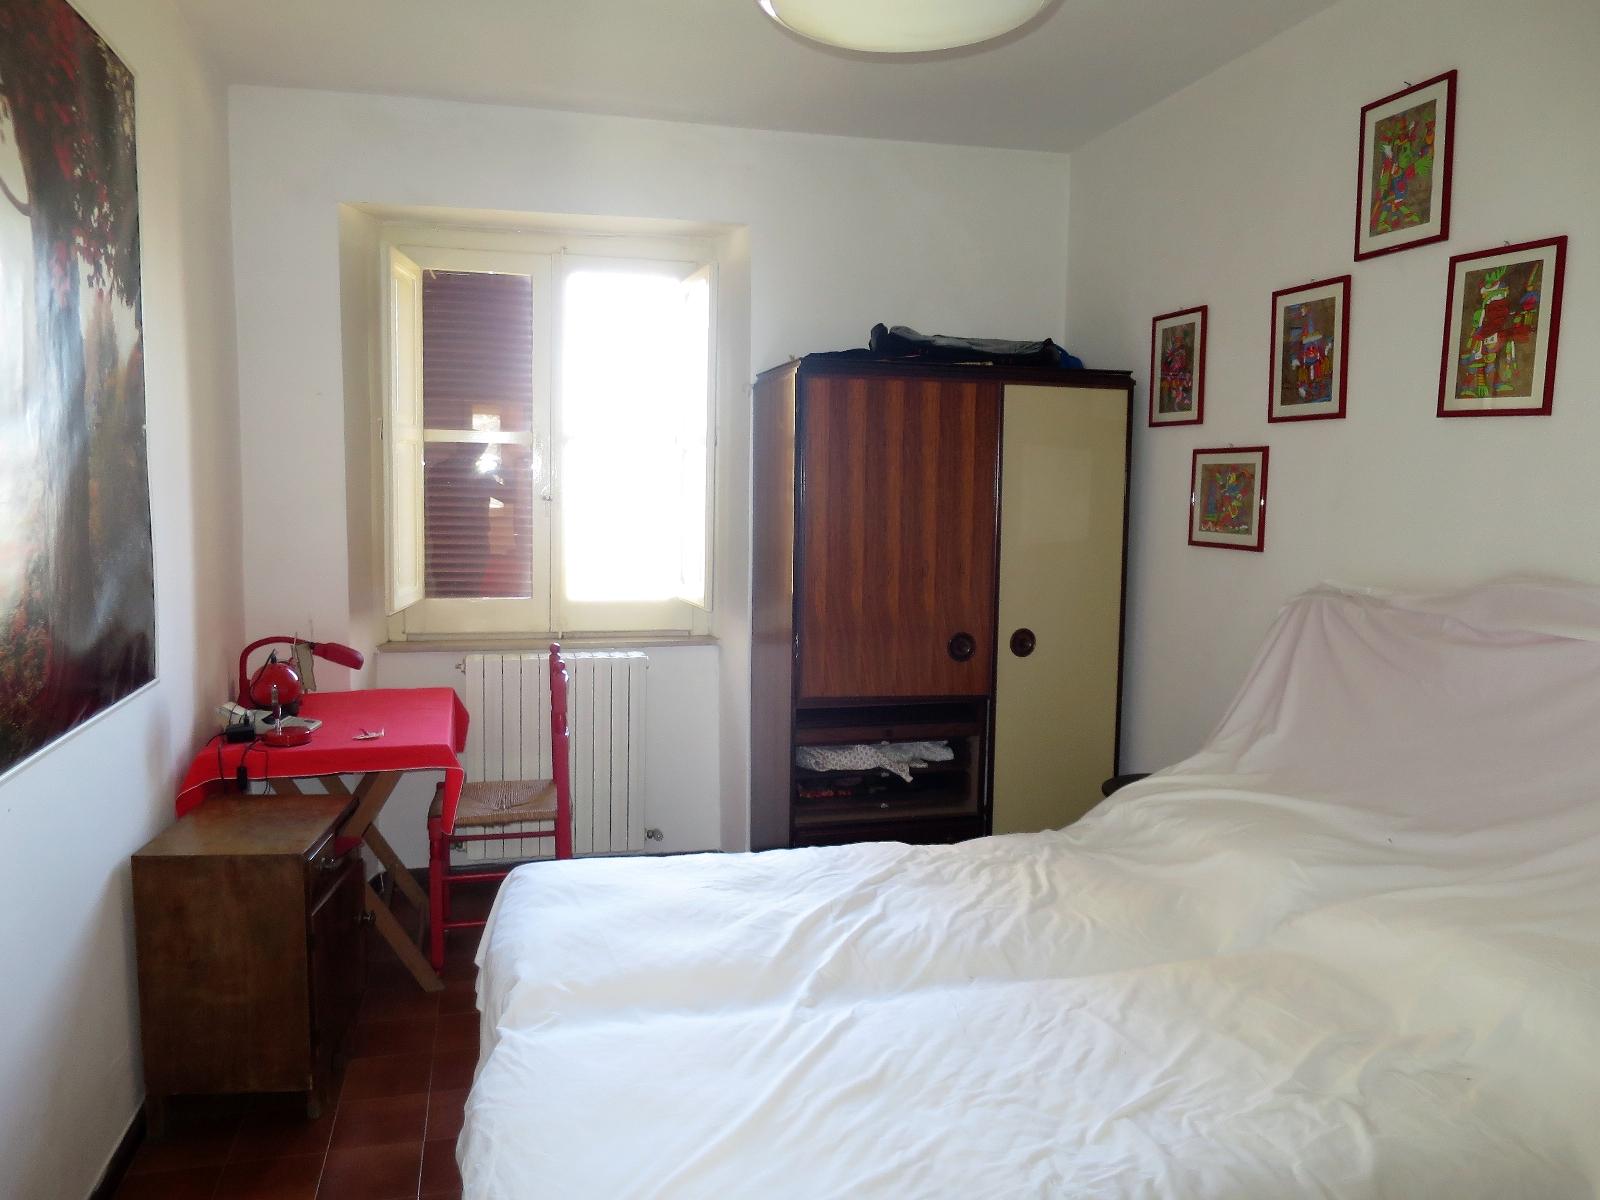 Country Houses Country Houses for sale Montebello di Bertona (PE), Casa Parco - Montebello di Bertona - EUR 195.521 490